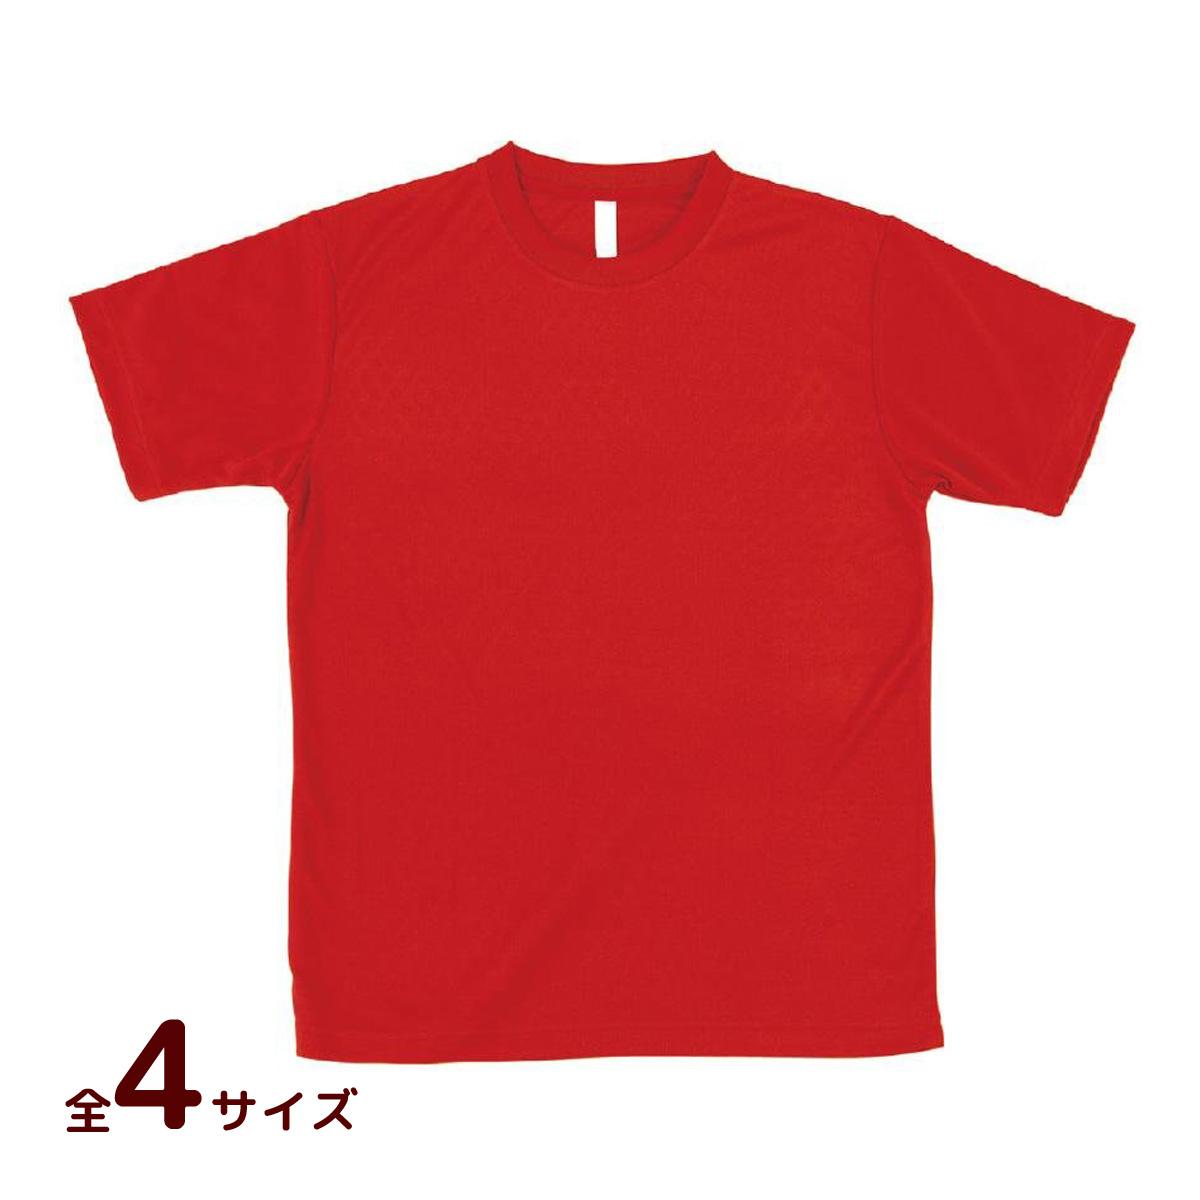 AT ドライTシャツ レッド 150gポリ100% キッズ 小学生 中学生 Tシャツ 着替え イベント 衣装 クリスマスプレゼント